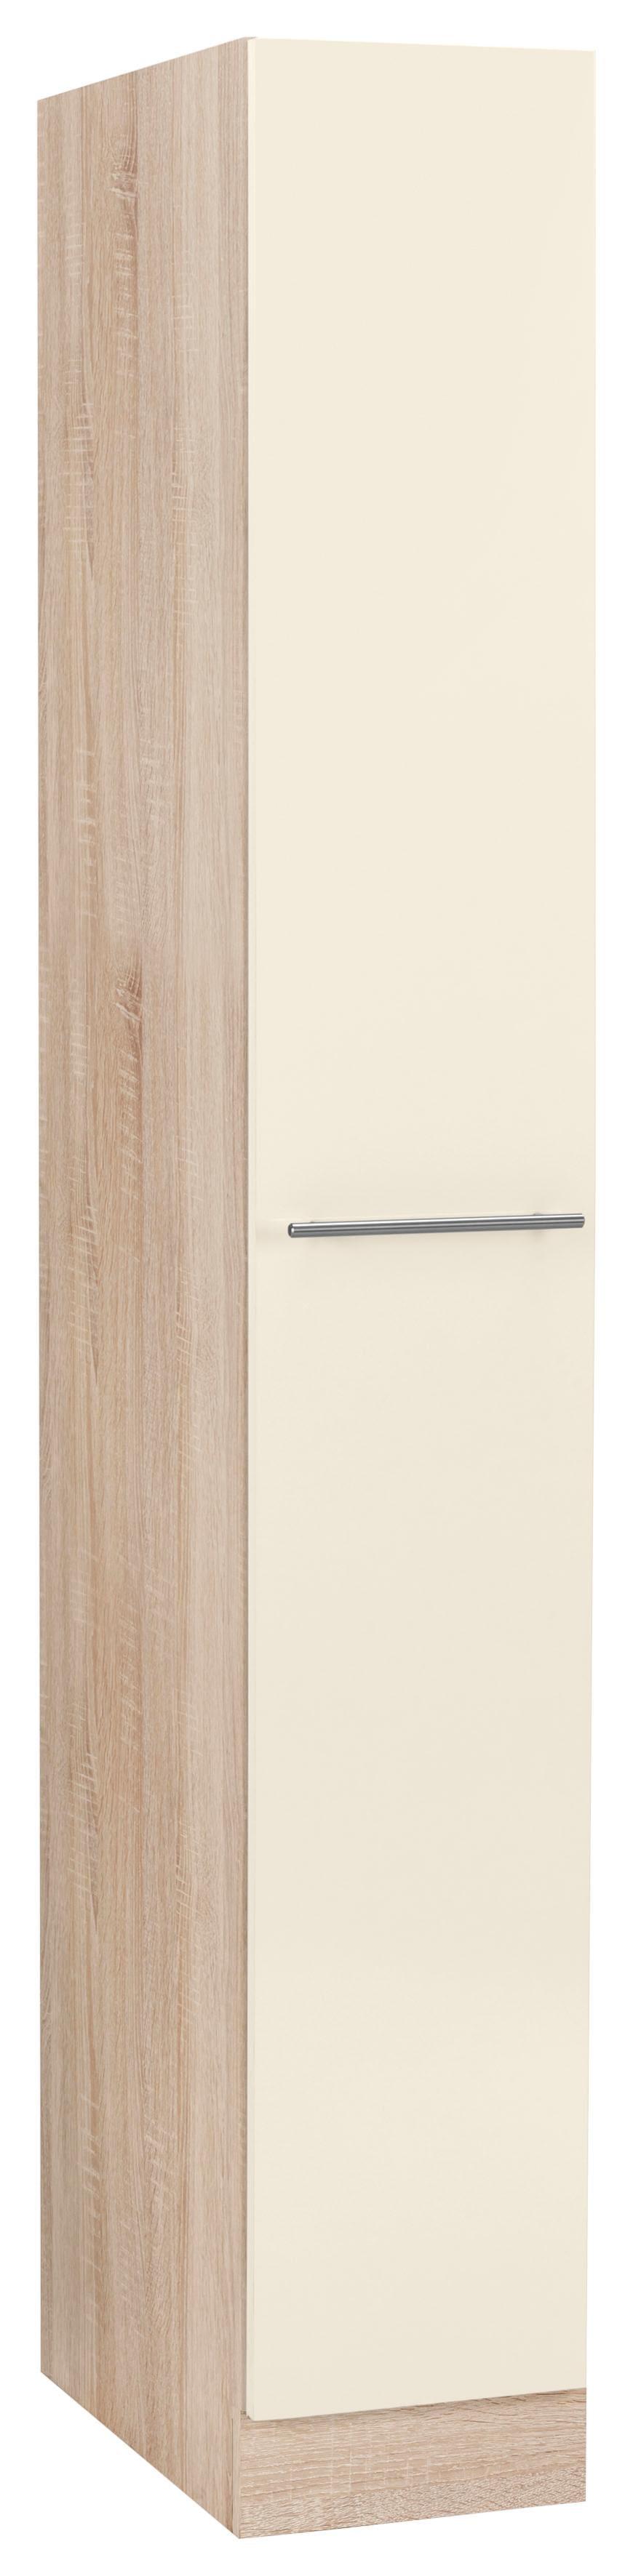 WIHO-Küchen Apothekerschrank Flexi2 | Küche und Esszimmer > Küchenschränke > Apothekerschränke | Melamin | Wiho Küchen